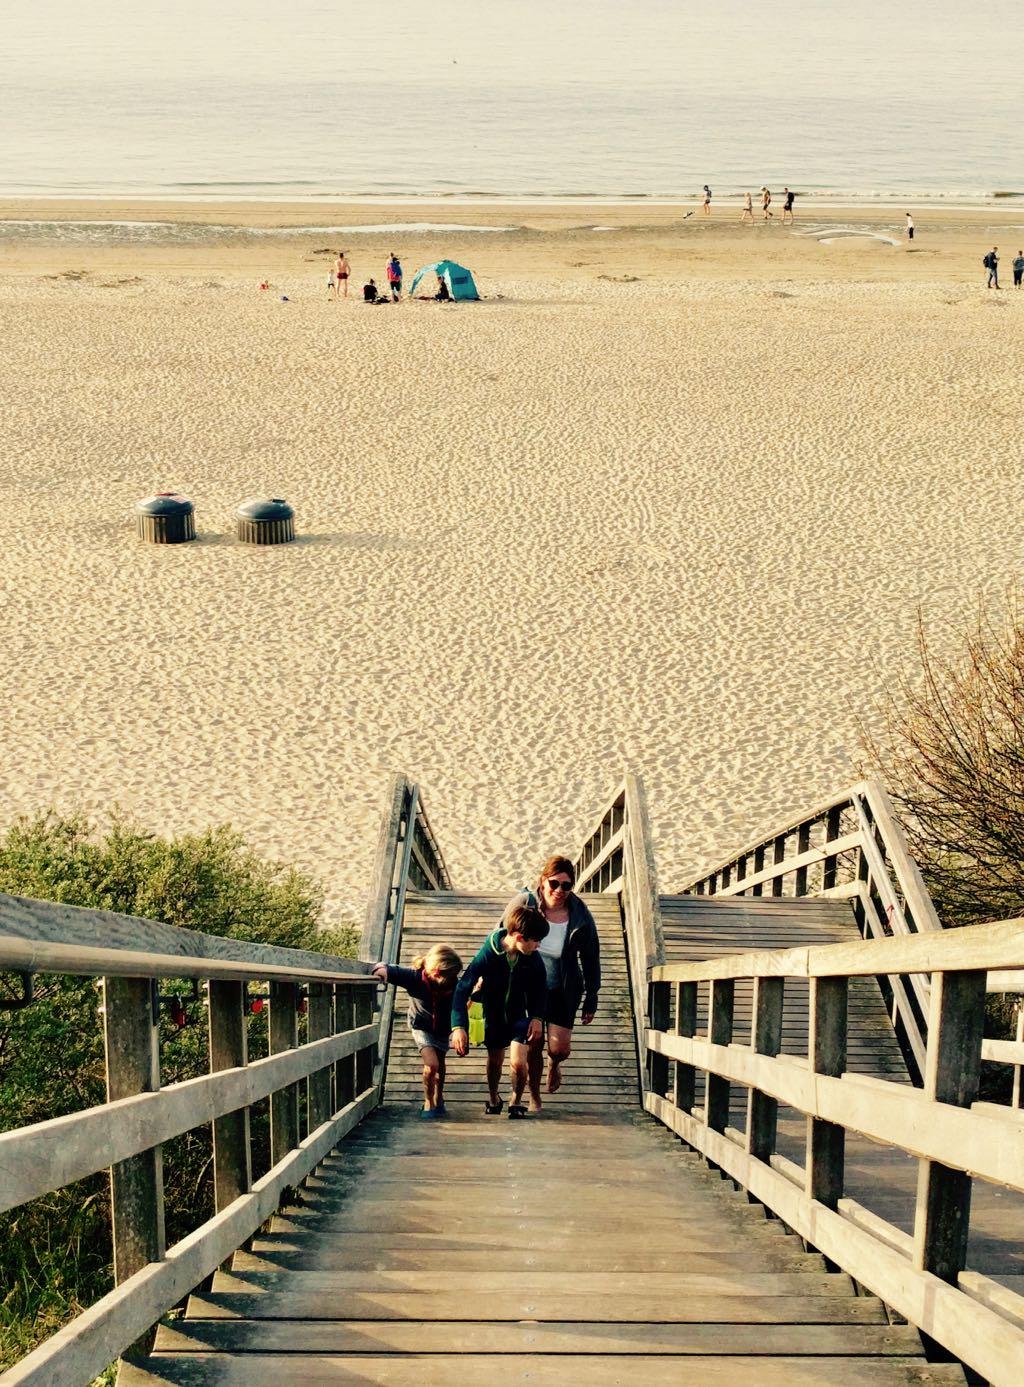 Der Strandzugang in Rensse erfolt über eine lange Holztreppe